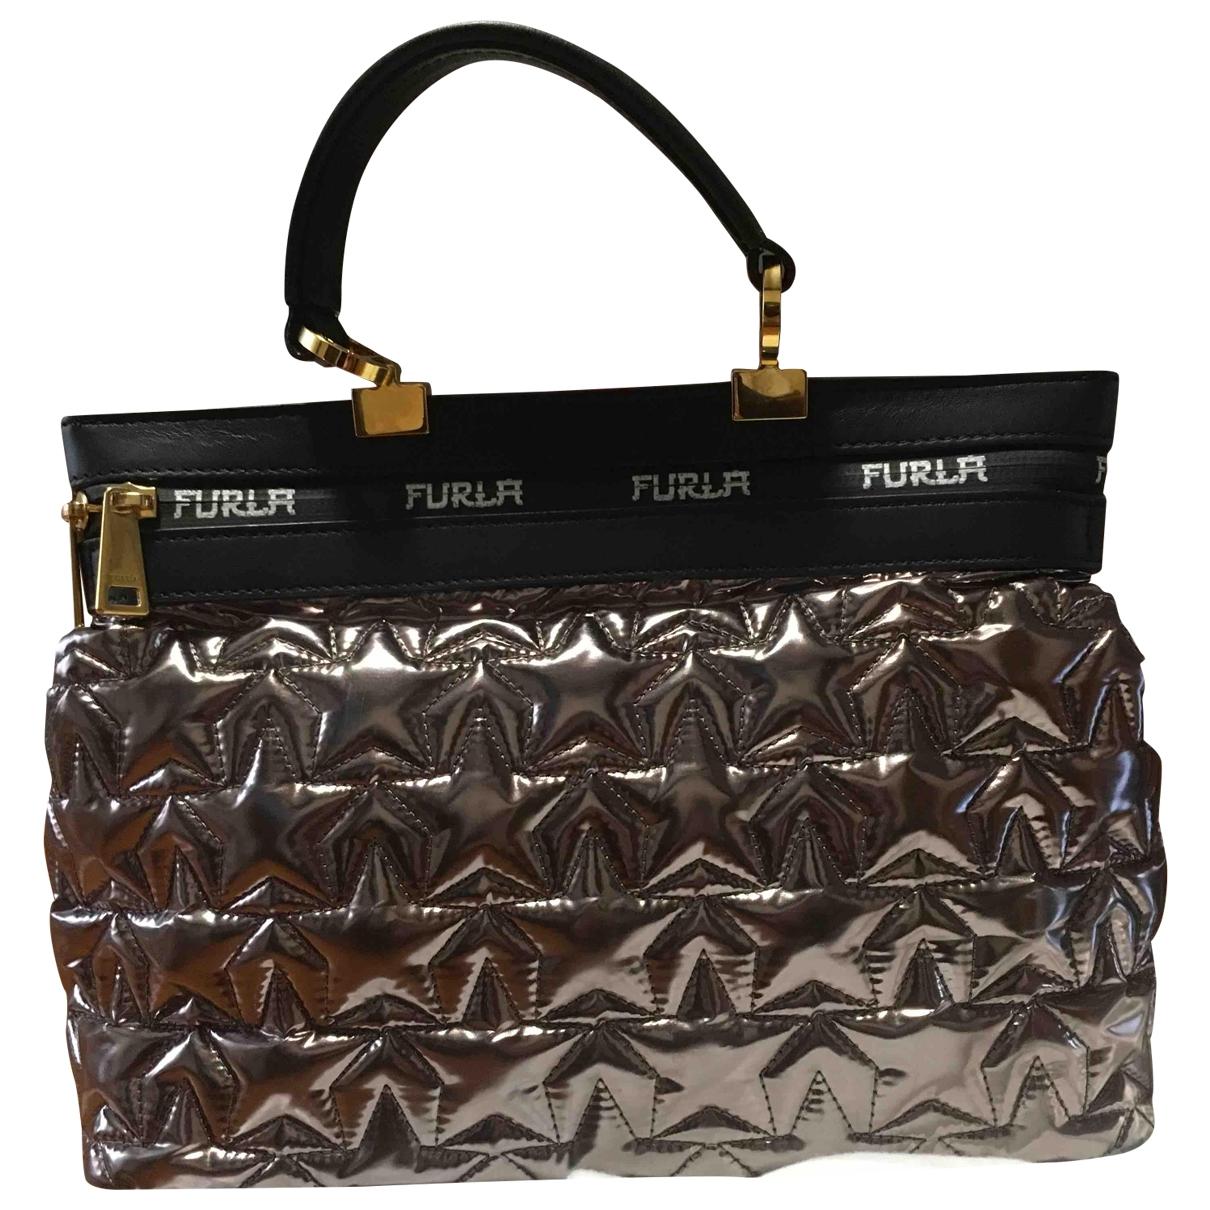 Furla \N Handtasche in  Metallic Synthetik